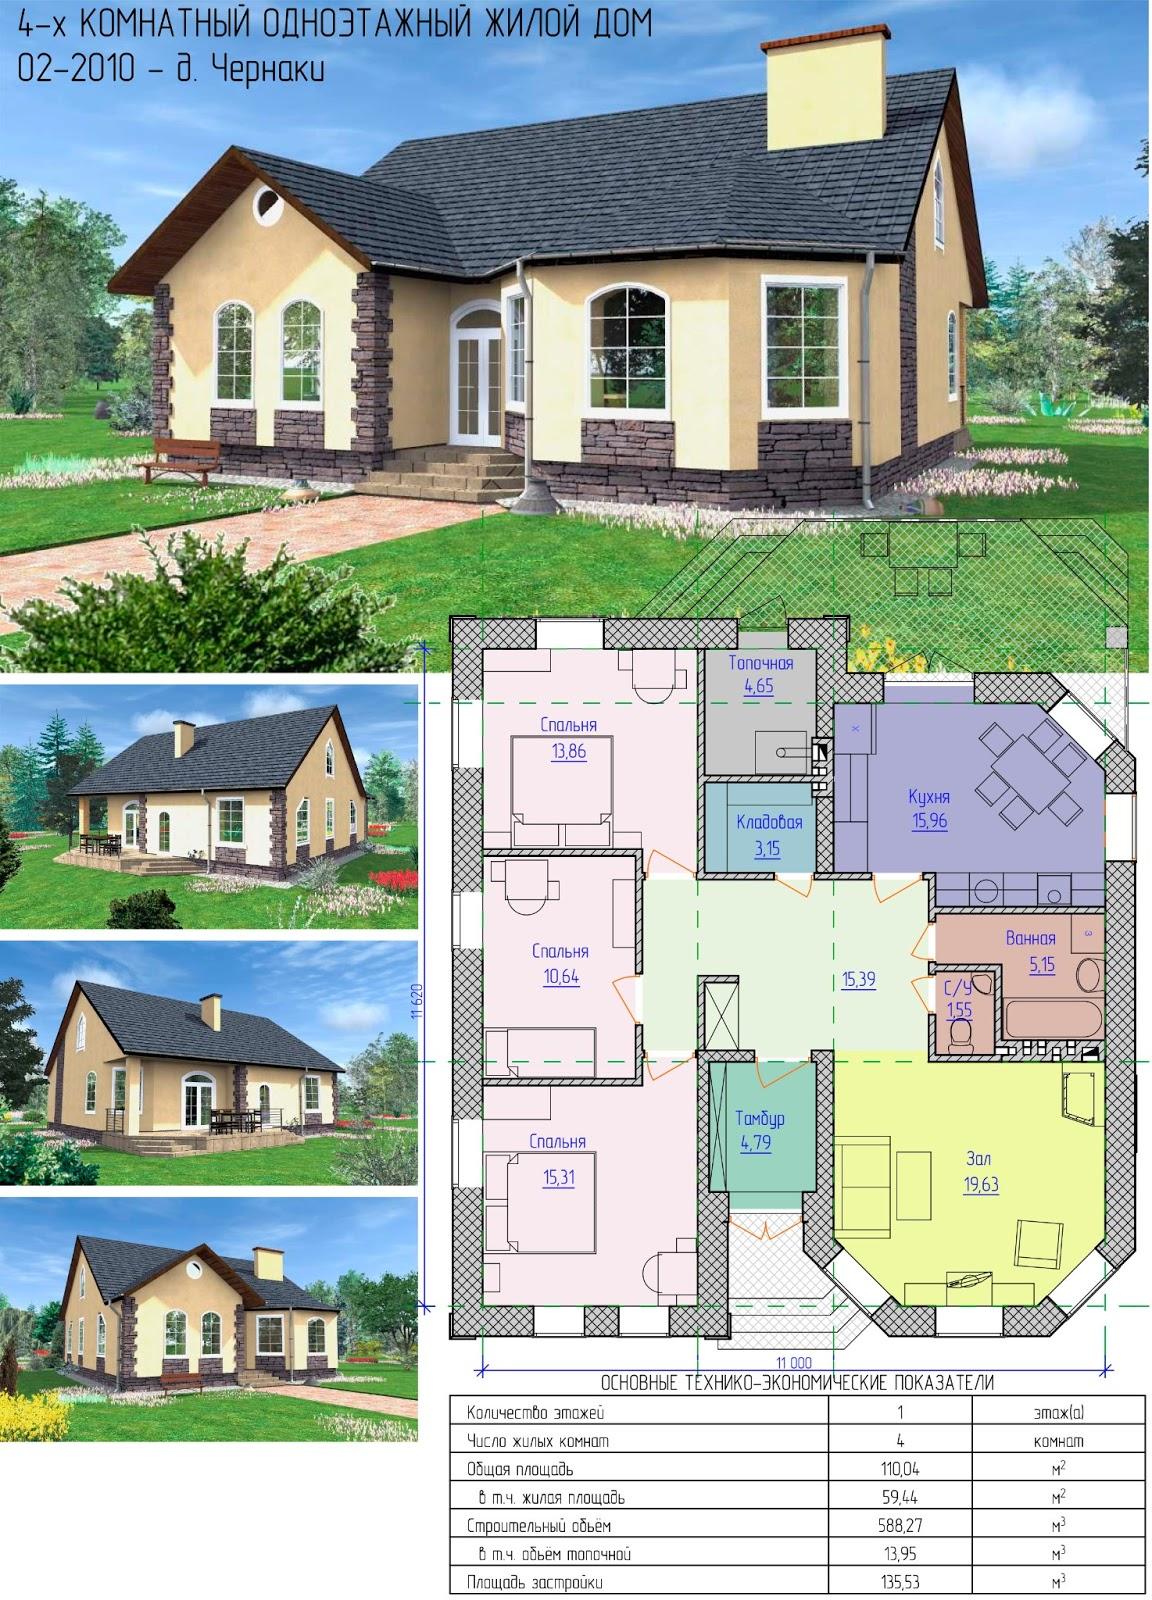 Проектирование дома своими руками: как сделать проект дома самому 35